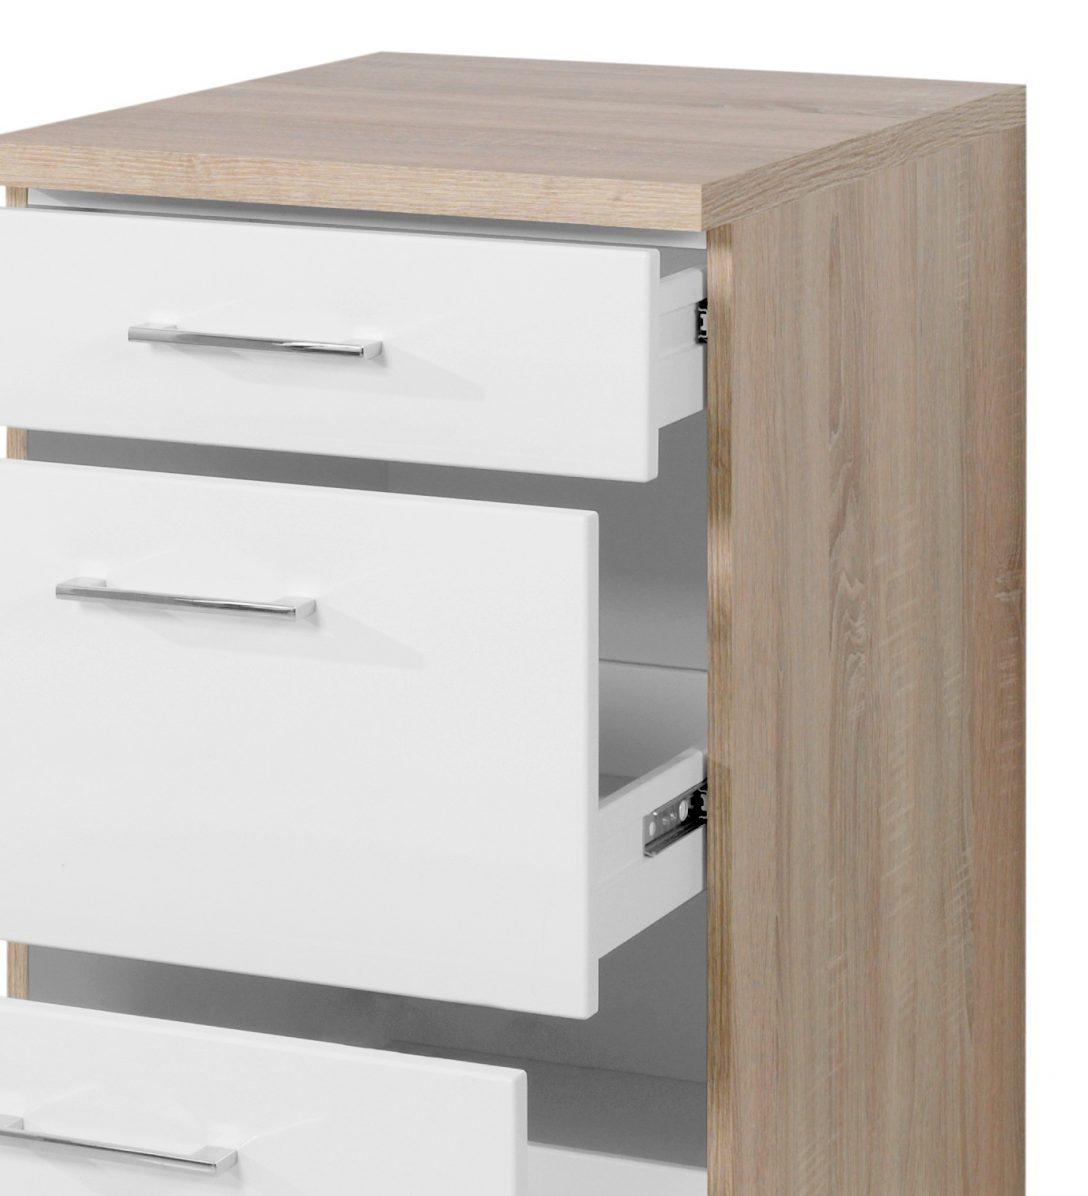 Large Size of Ikea Apothekerschrank Kchen Unterschrank 40 Cm Breit Front Neu Und Betten 160x200 Küche Kaufen Bei Sofa Mit Schlaffunktion Modulküche Kosten Miniküche Wohnzimmer Ikea Apothekerschrank